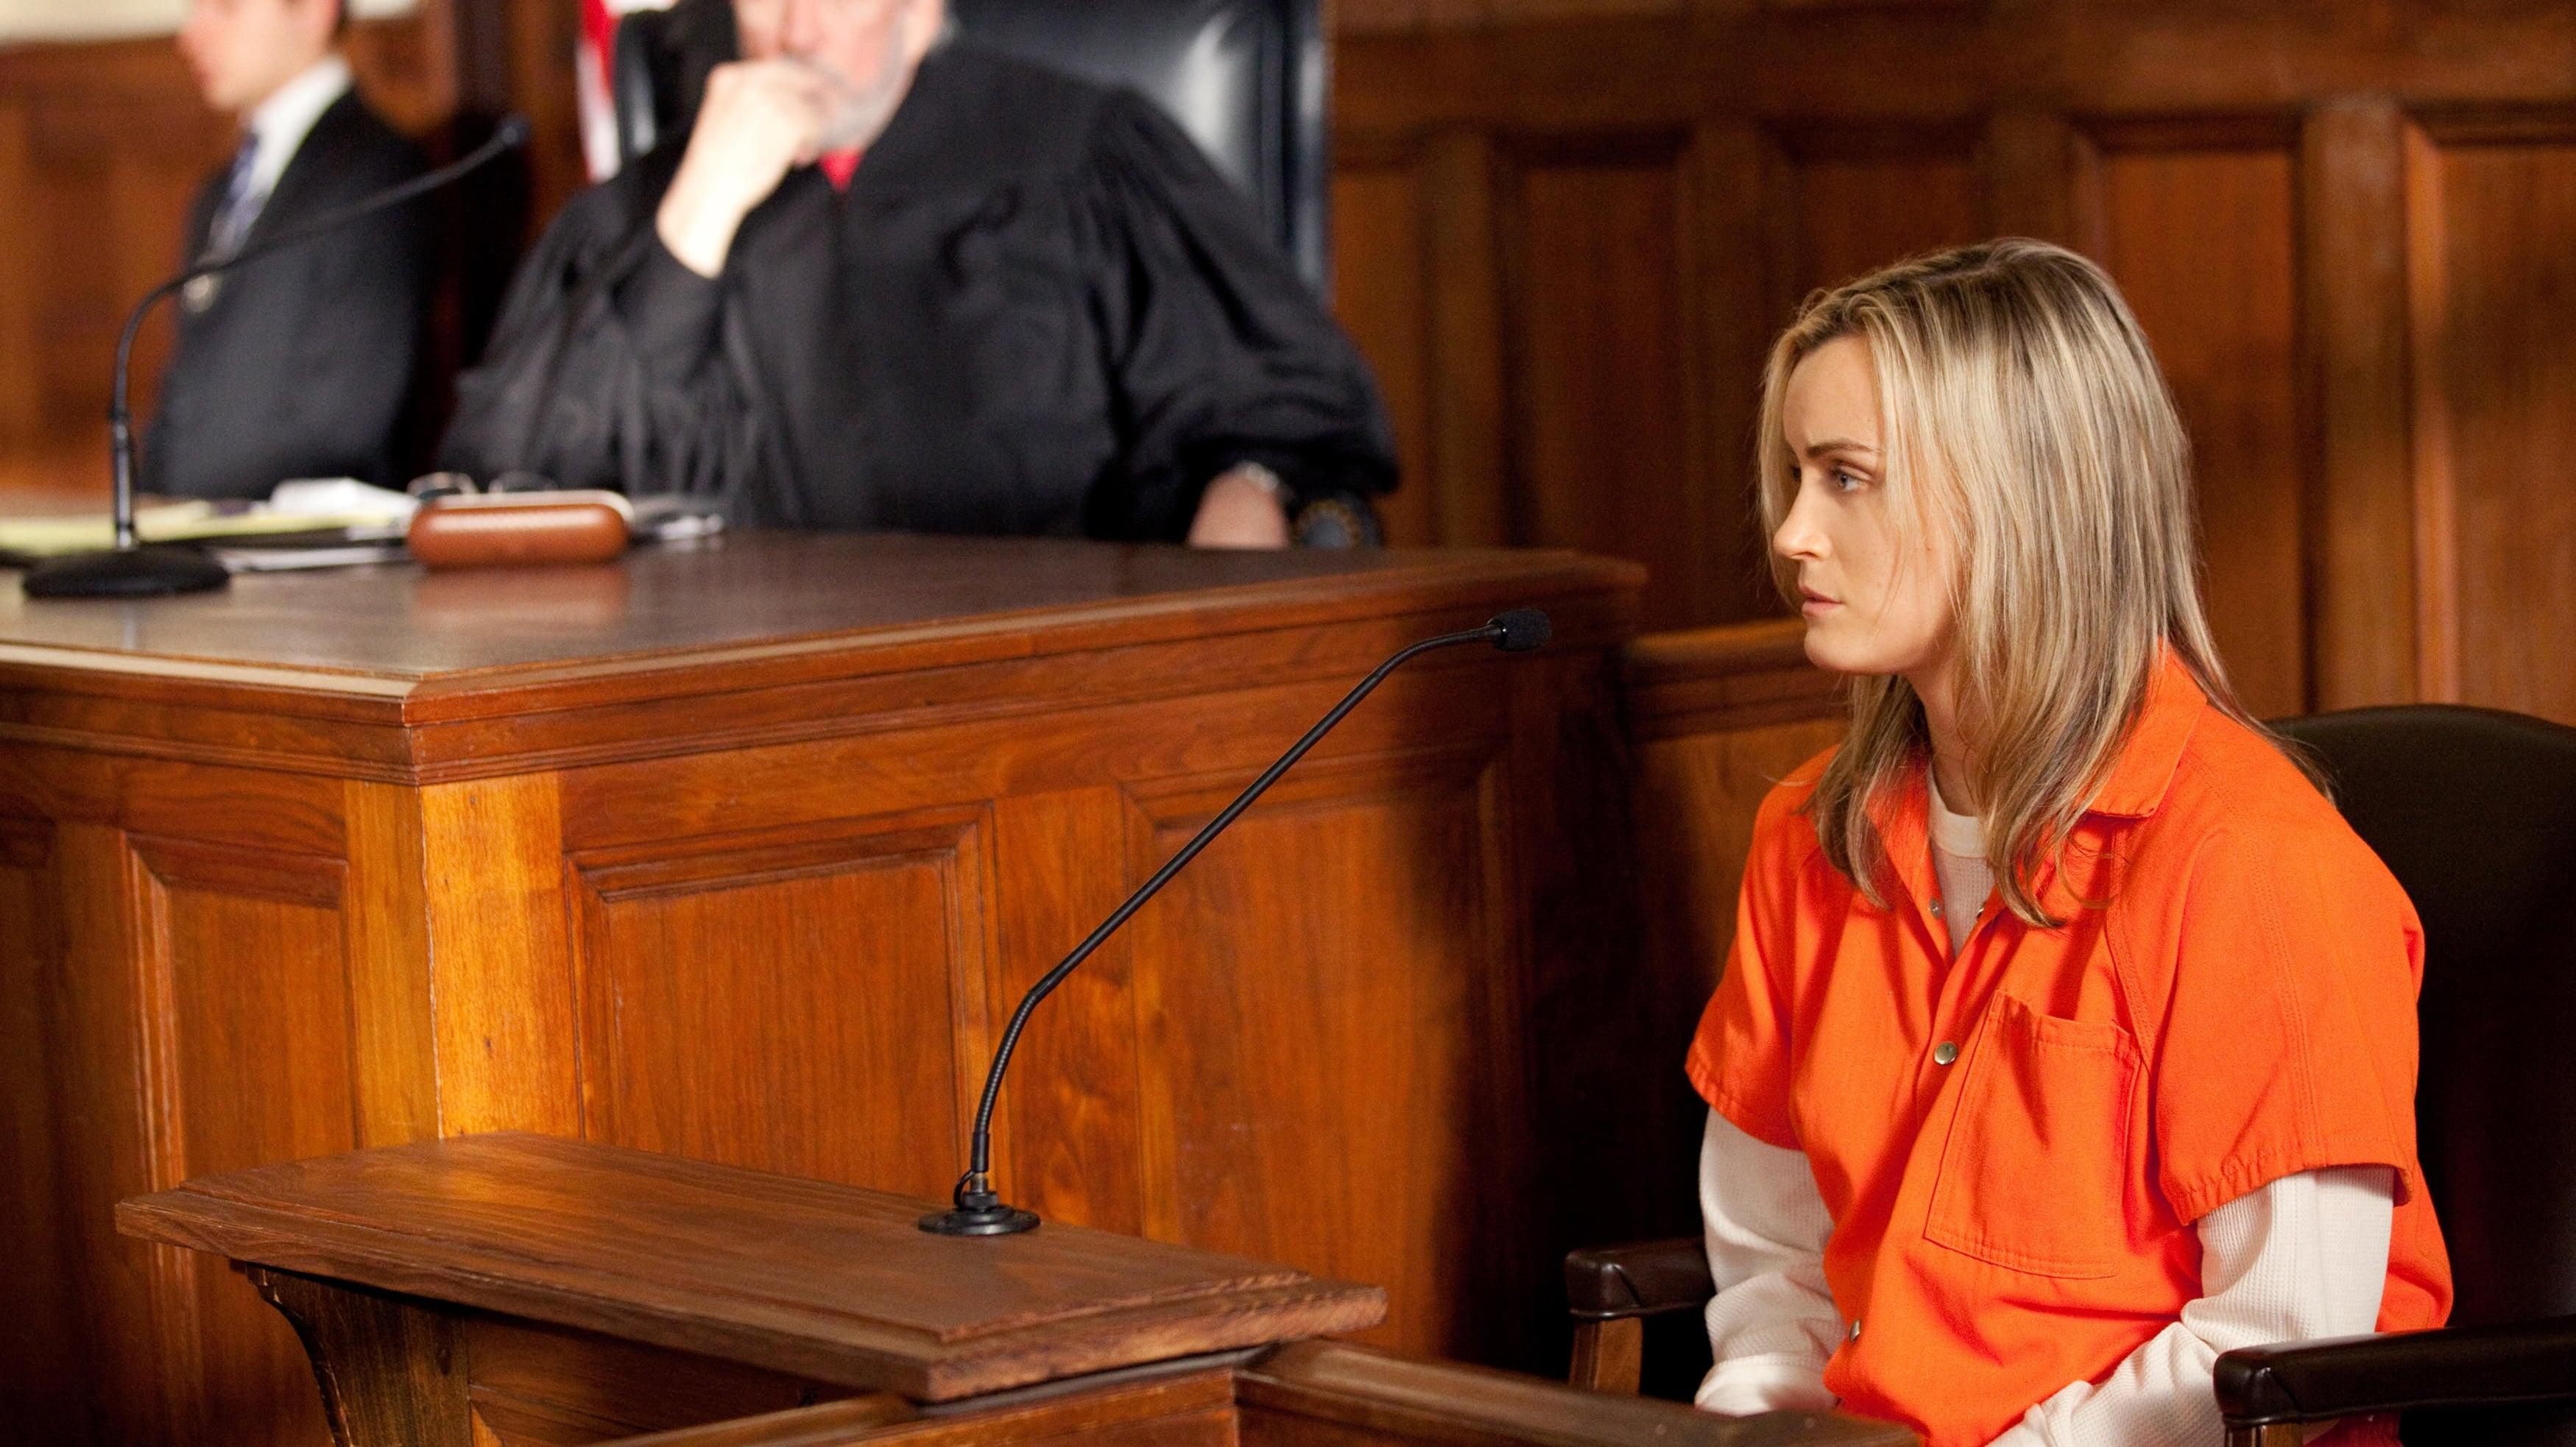 Orange Is The New Black - Season 2 Episode 07 - Watch online on Gomovies